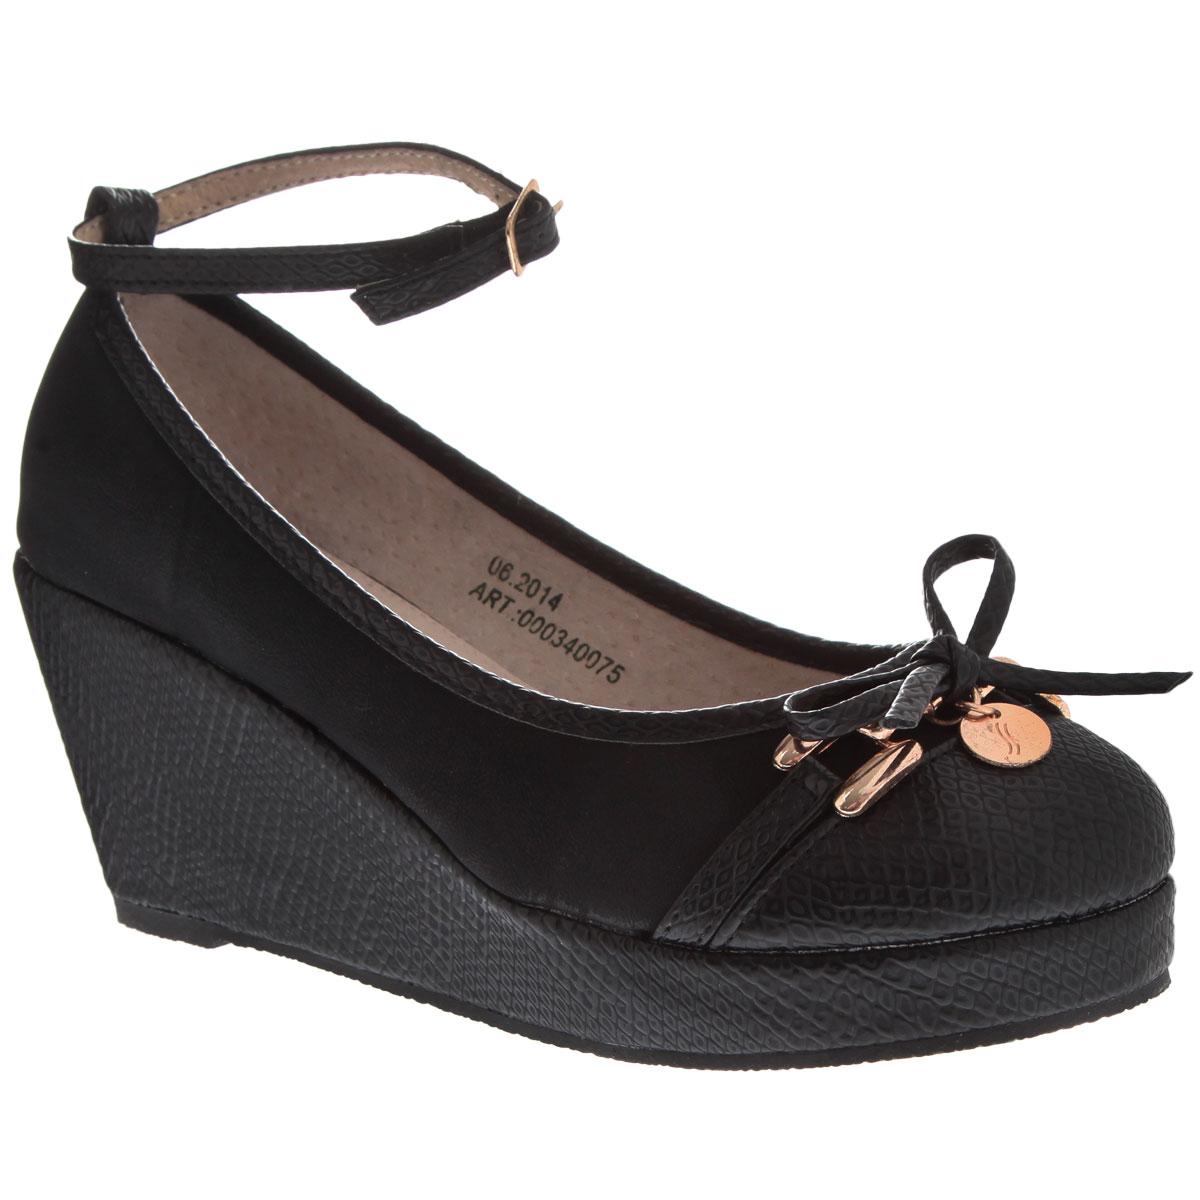 Туфли для девочки. 000340075000340075Симпатичные модные туфли для девочки от торговой марки Аллигаша придутся по вкусу юным модницам. Модель выполнена из высококачественной искусственной кожи с тиснением под рептилию и искусственного нубука. Мыс украшен аккуратным бантиком и стильной фурнитурой. Подклад и стелька выполнены из натуральной кожи. Изящный съемный ремешок позволяет использовать данную модель, как с ним, так и без него. Туфли на танкетке и не большой платформе очень комфортны и удобны в носке. Эти туфли созданы для стильных юных модниц!